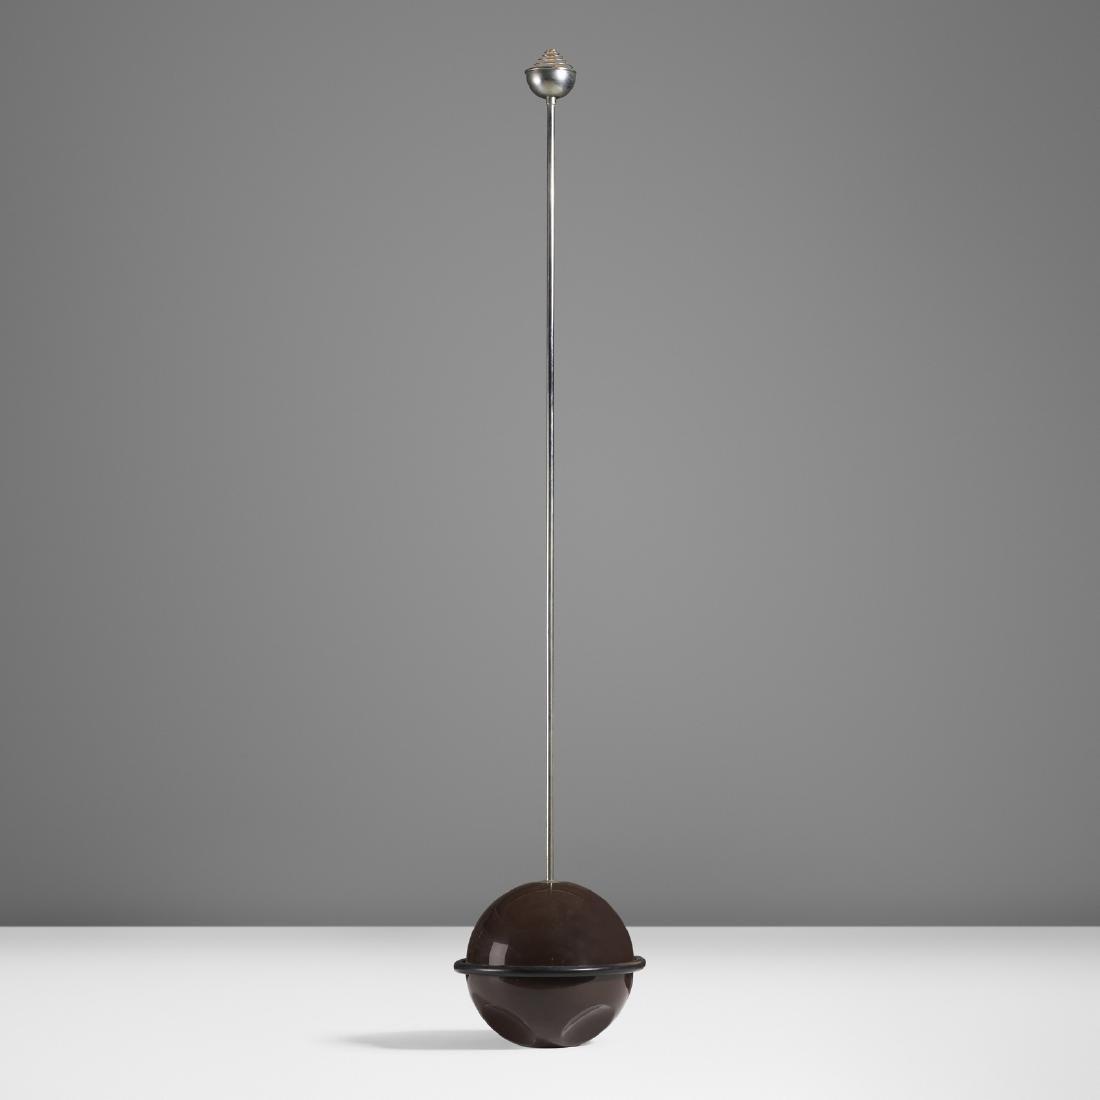 Claudio Salocchi, Aloa floor lamp